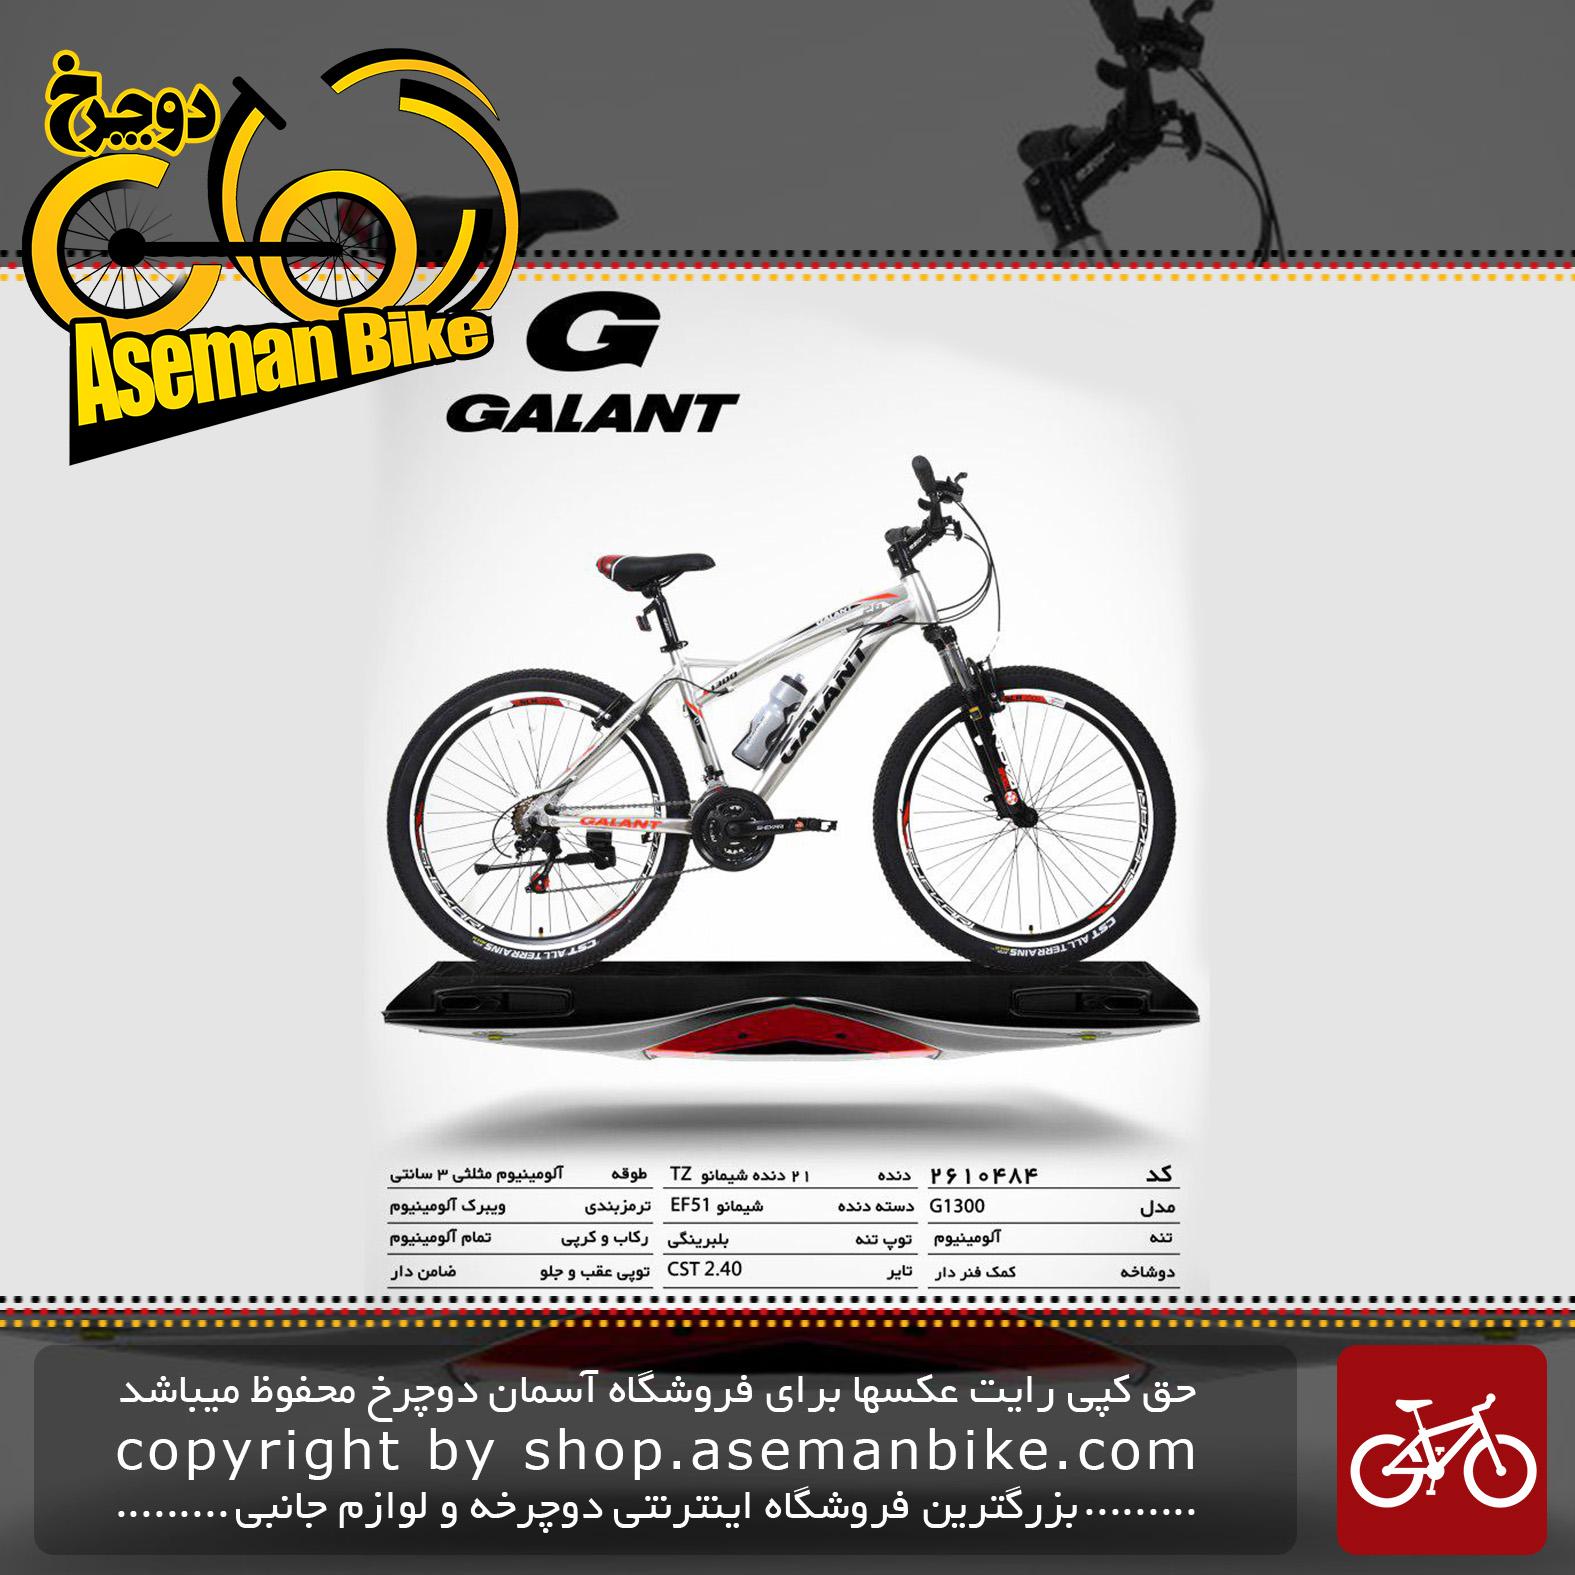 دوچرخه کوهستان شهری گالانت مدل جی 1300 21 دنده سایز 26 ساخت تایوان GALANT Mountain City Bicycle Taiwan G1300 Size 26 2019